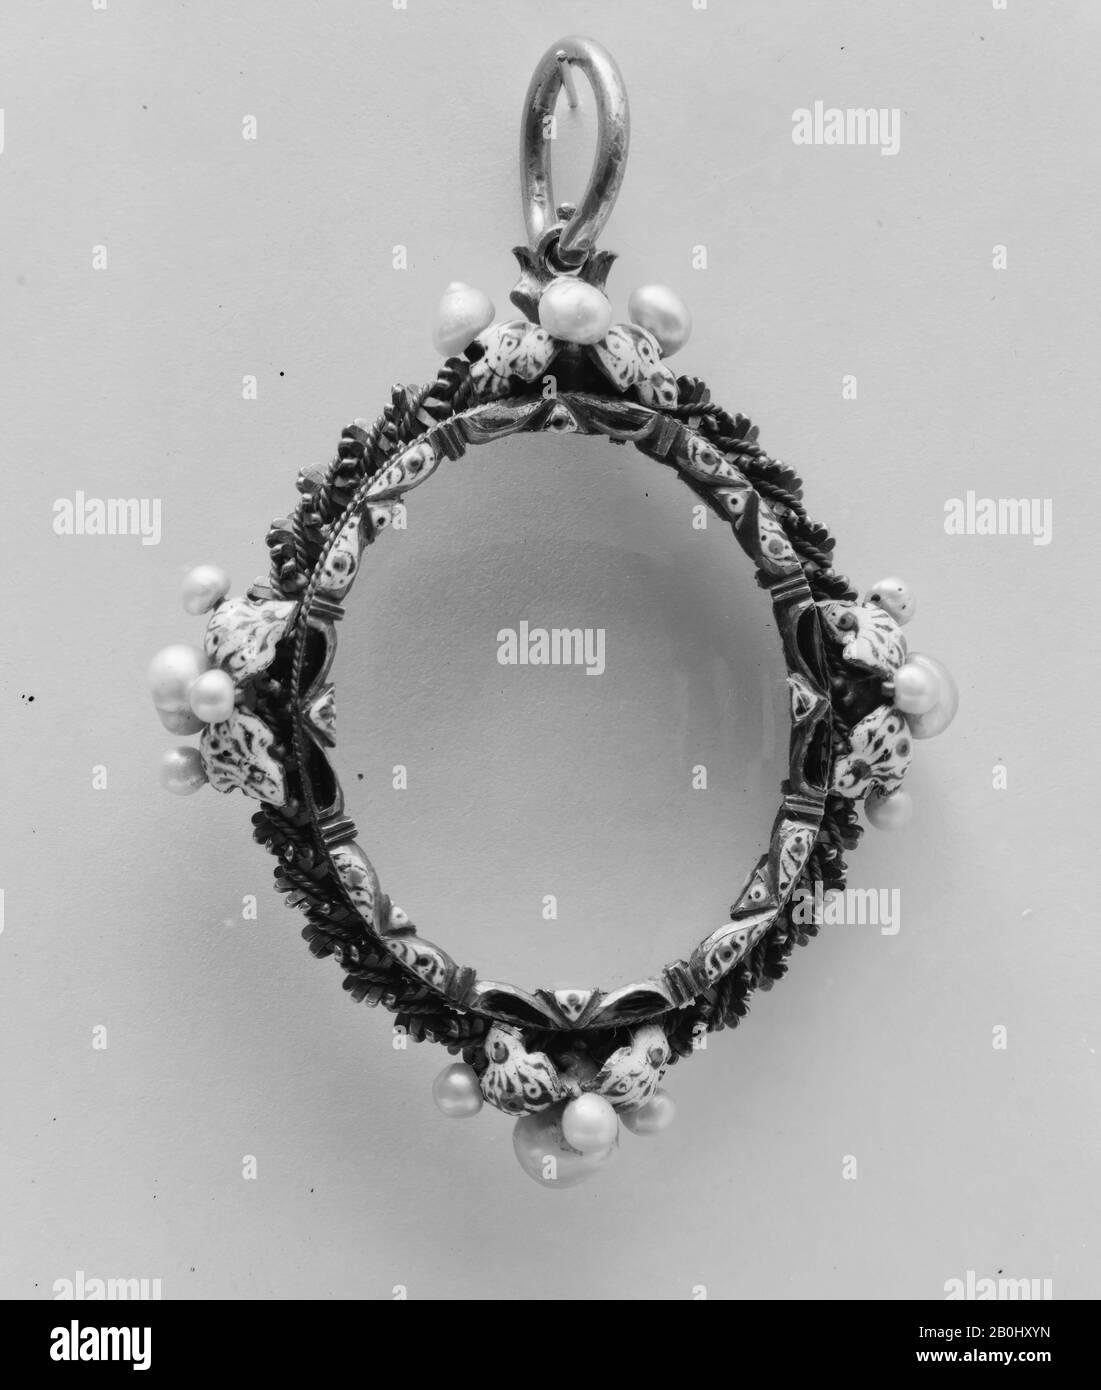 Rahmenschleife Stockfotos und bilder Kaufen Alamy